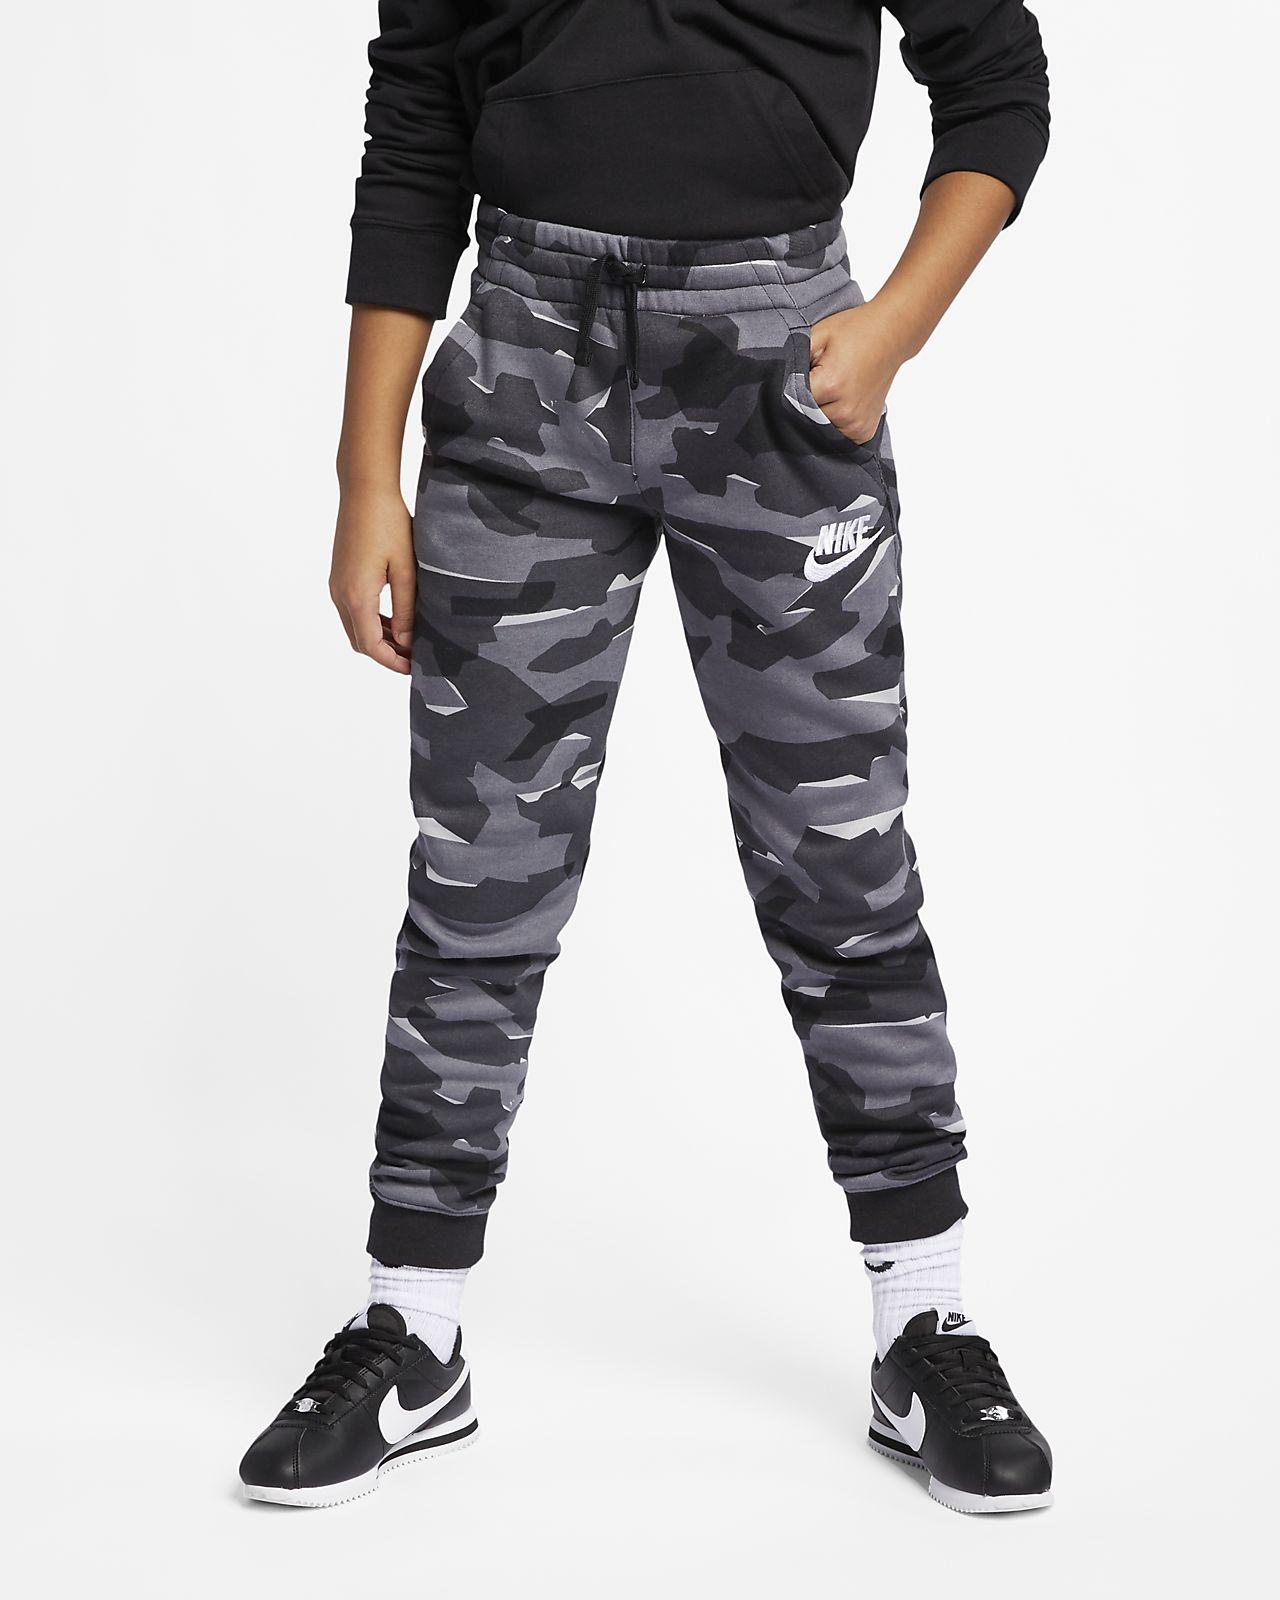 735dc0ac78 ... Nike Sportswear terepmintás szabadidőnadrág nagyobb gyerekeknek (fiúk)